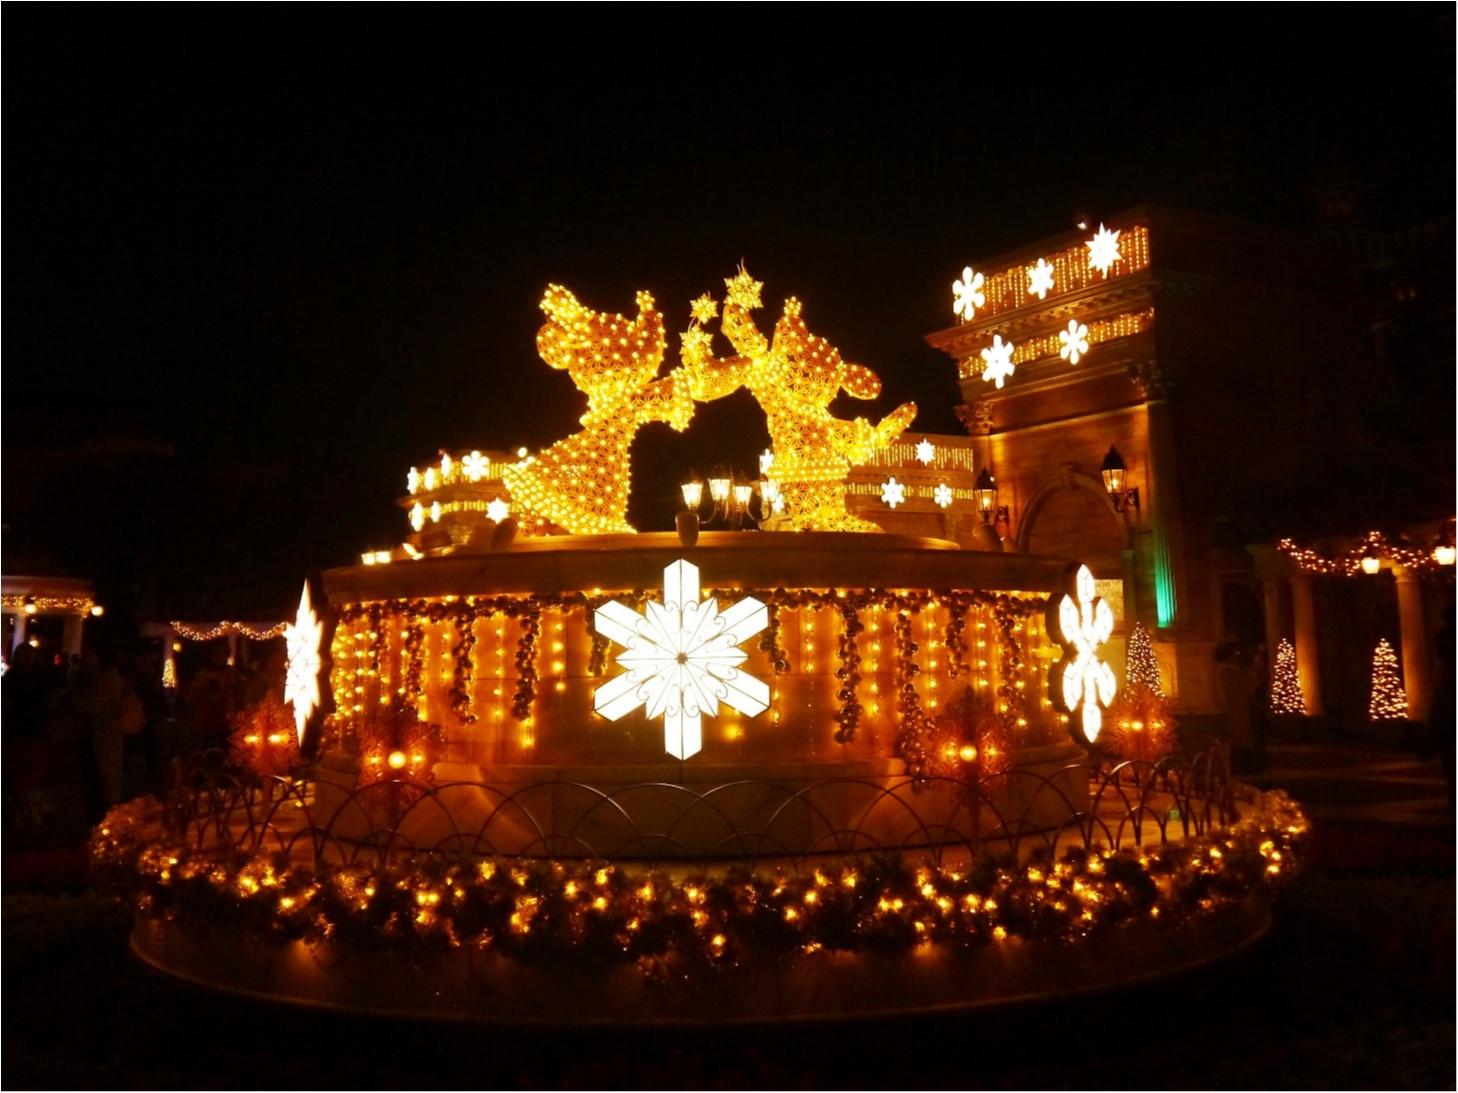 【イベント】11月8日(水)から スタート!東京ディズニーシー『クリスマス・ウィッシュ』に行ってきました *.゜_1